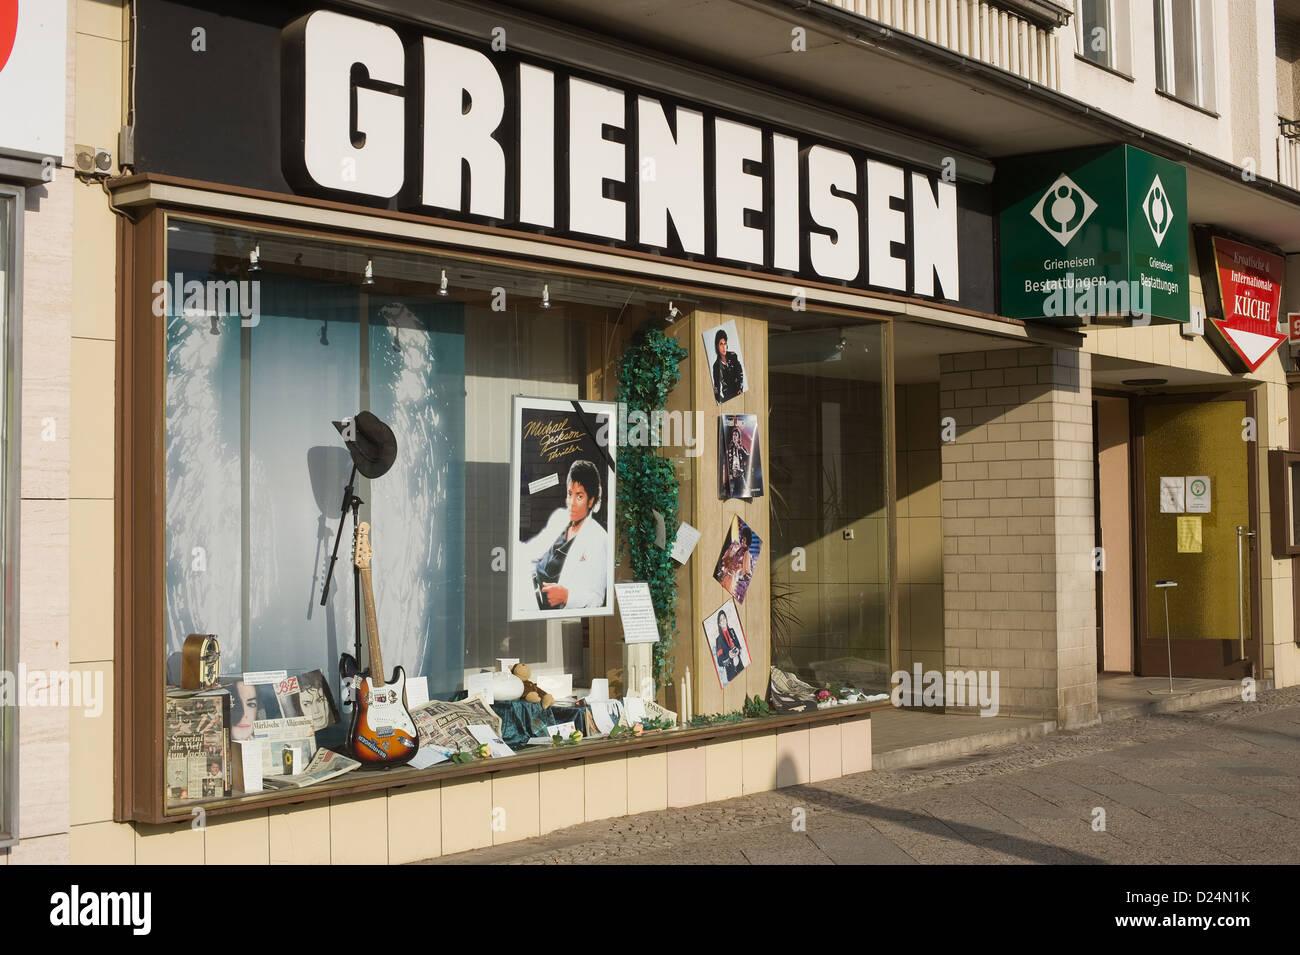 Berlín, Alemania, la funeraria Grieneisen anuncia con la muerte de